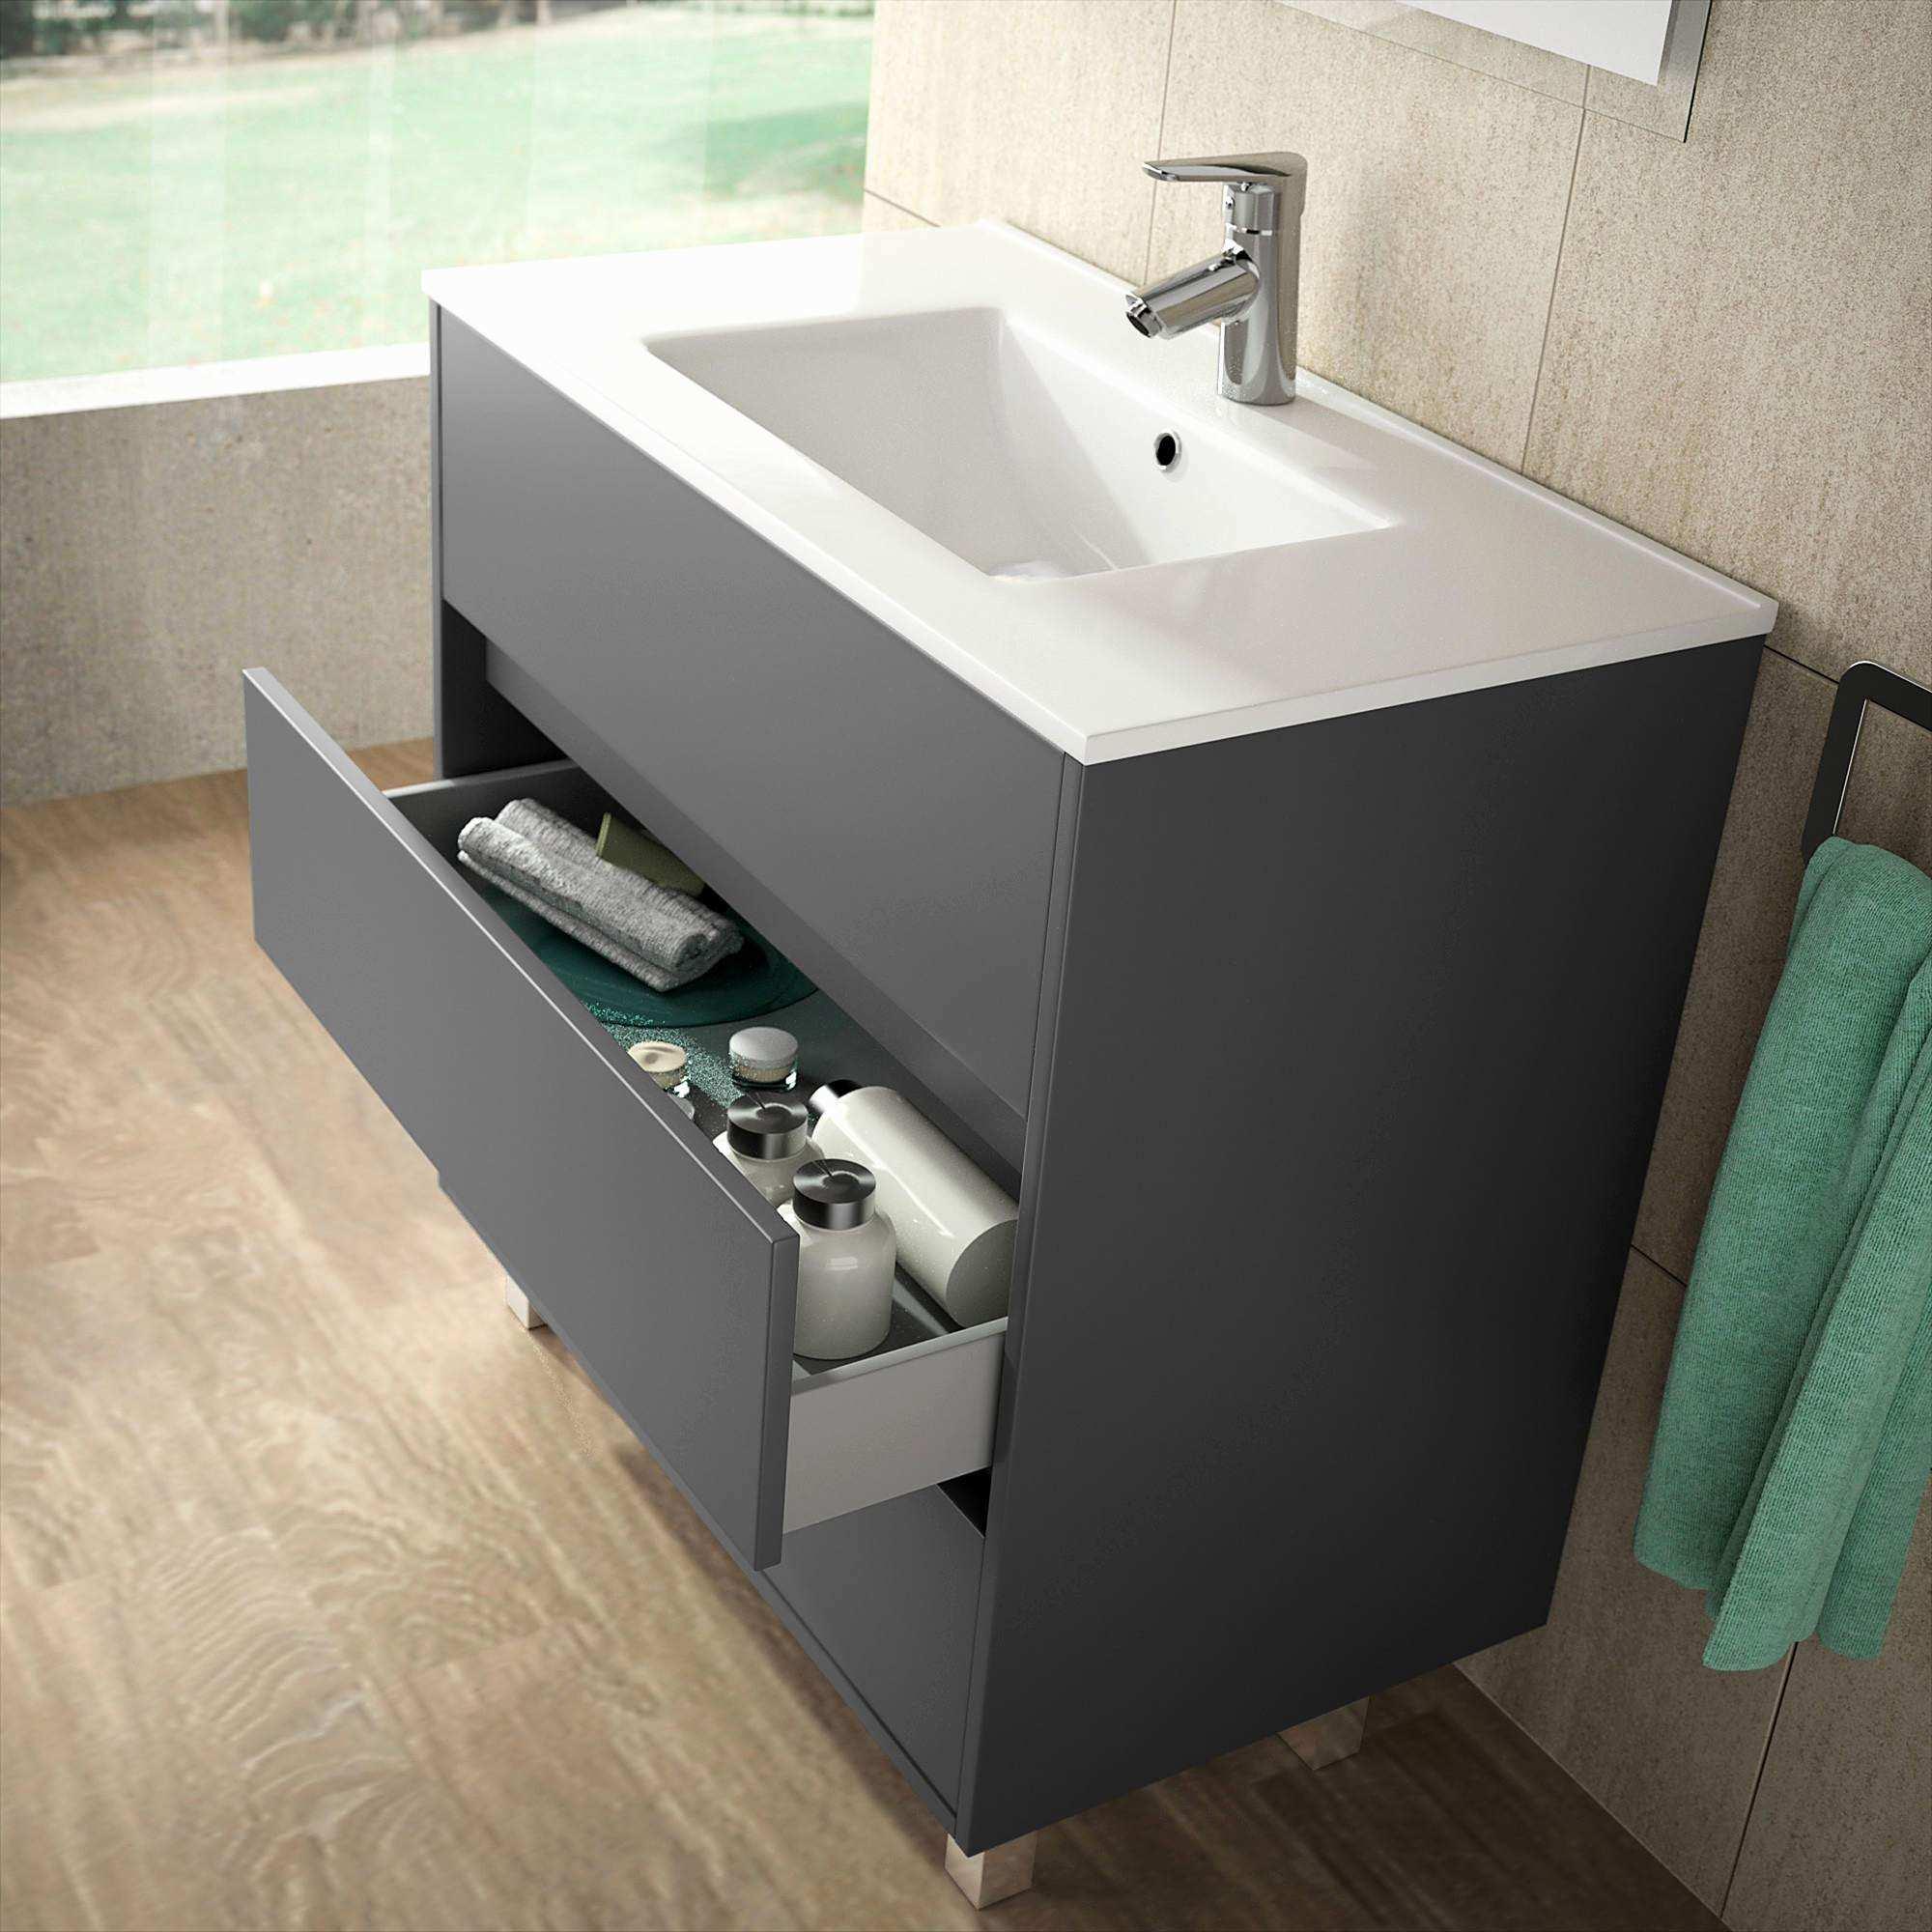 plan de travail en bois bricorama lille maison. Black Bedroom Furniture Sets. Home Design Ideas